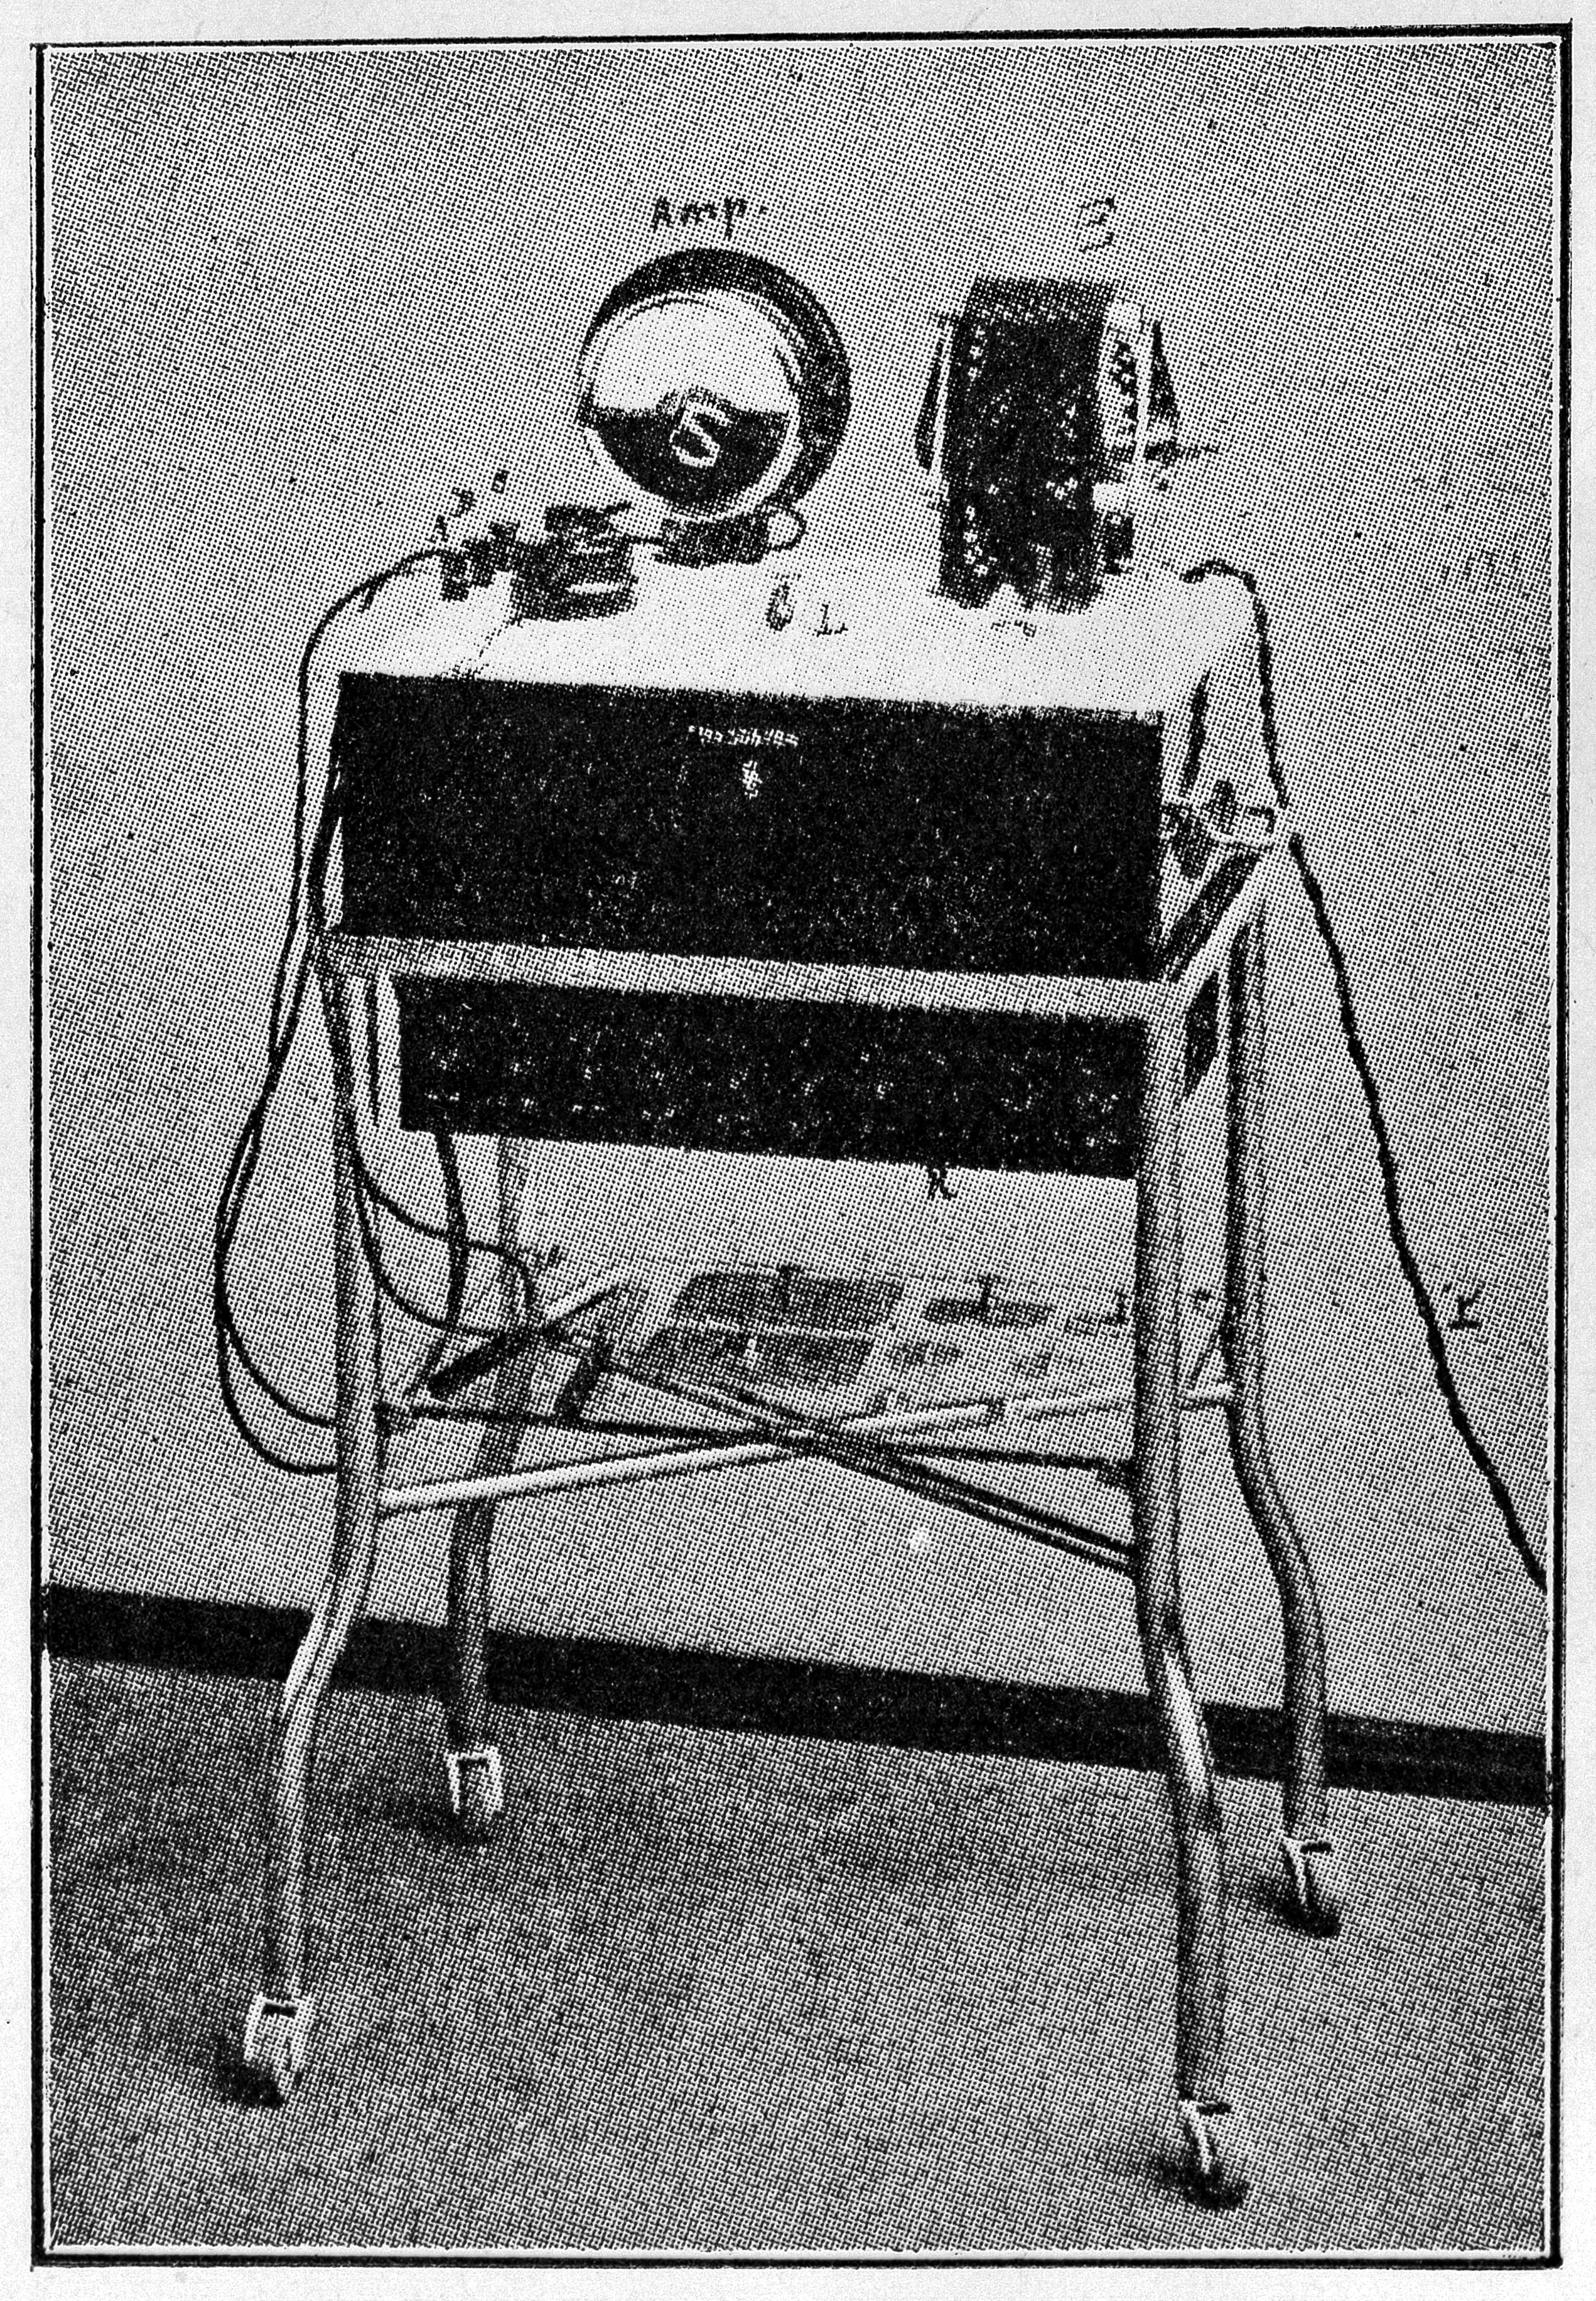 Geschichte des Strahlenschutzes Wikiwand